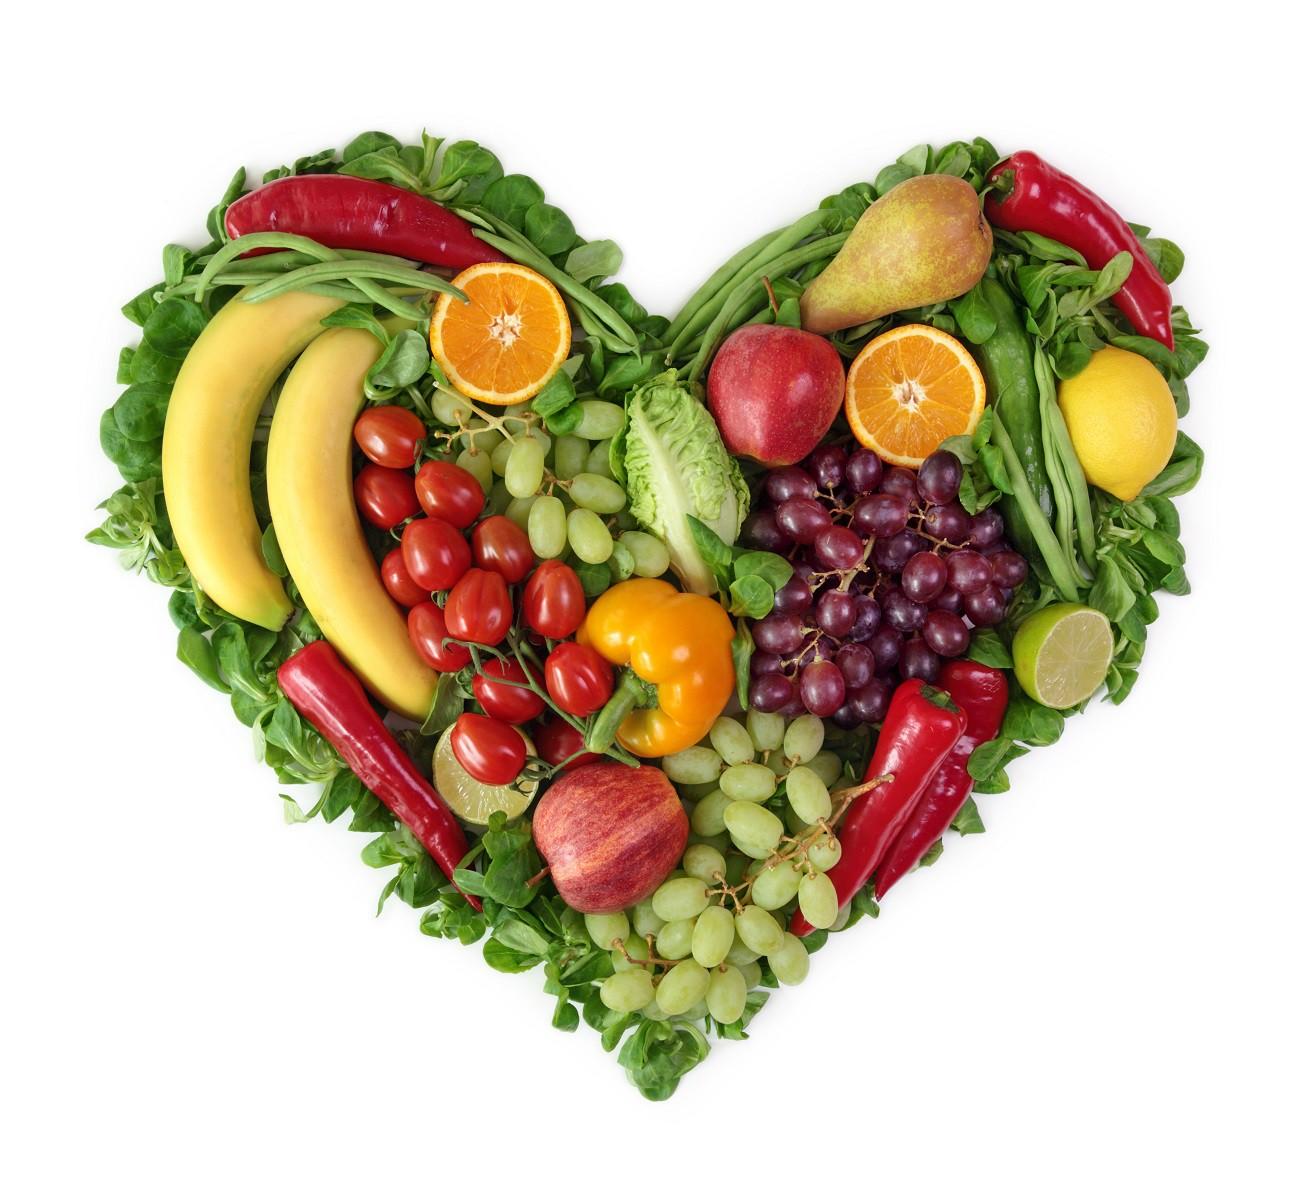 برای داشتن قلبی سالم از خوردن این مواد غذایی اجتناب کنید